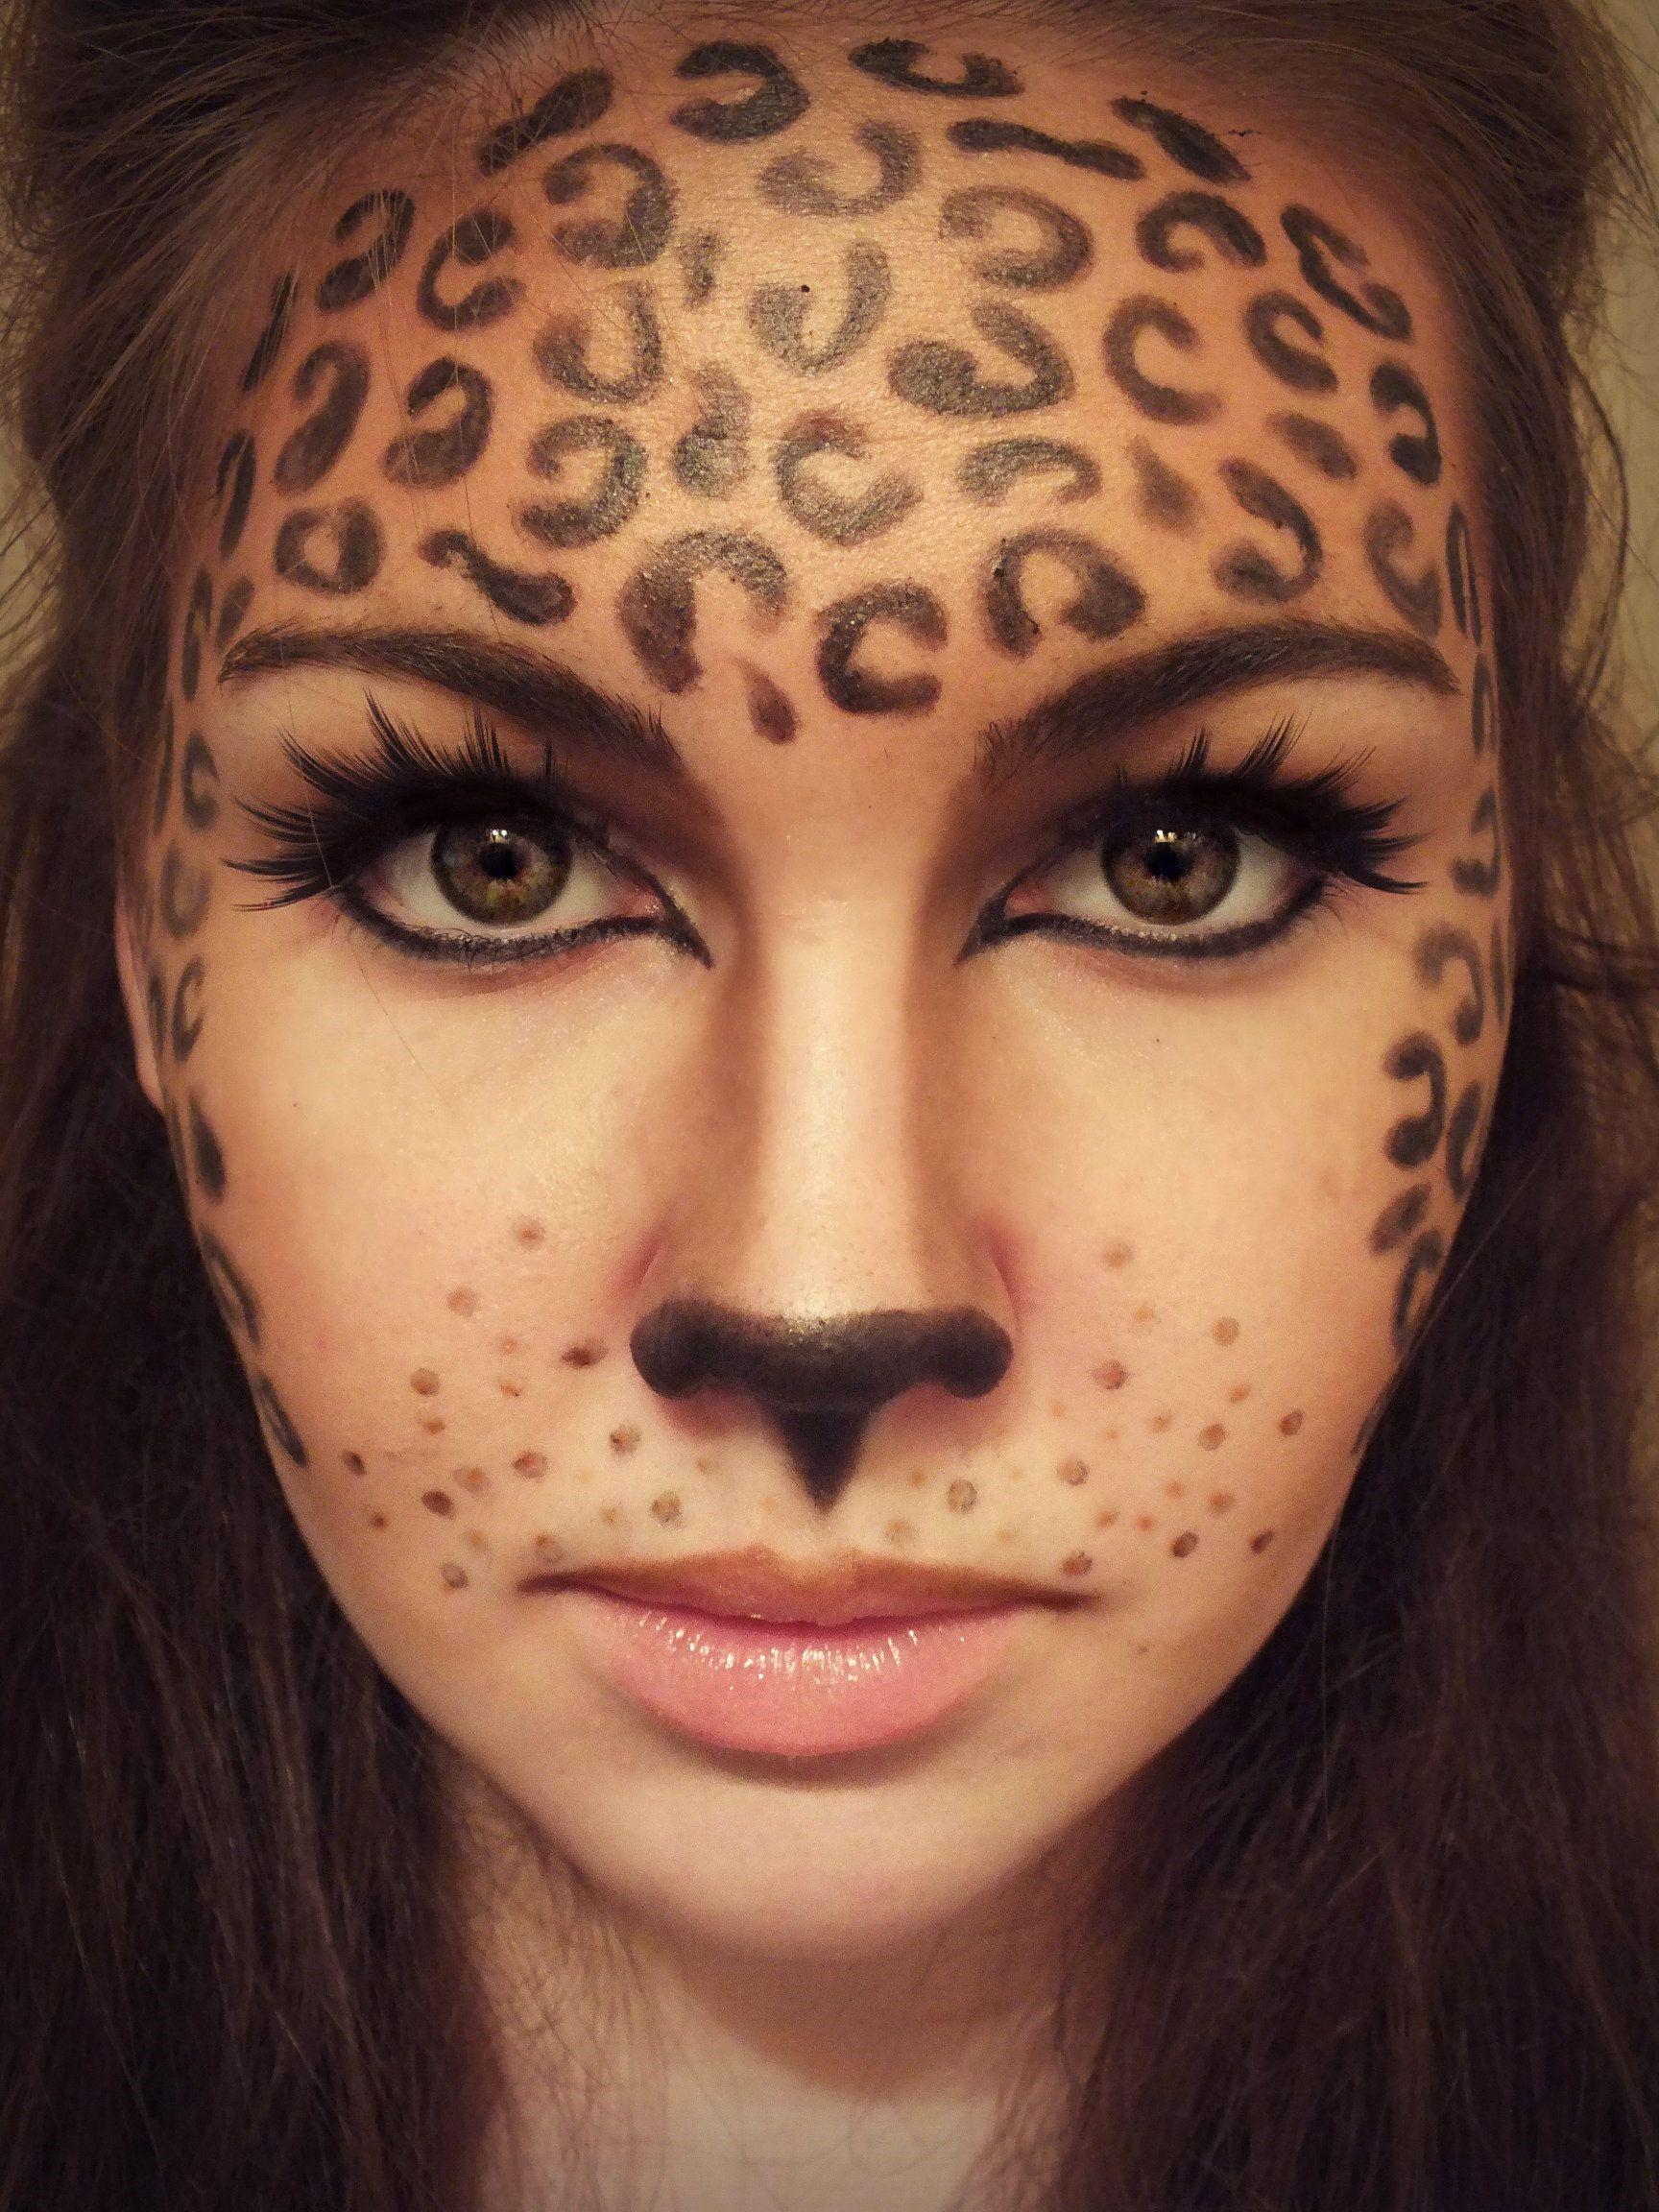 Nous adorons cette version féroce du maquillage léopard pour Halloween.